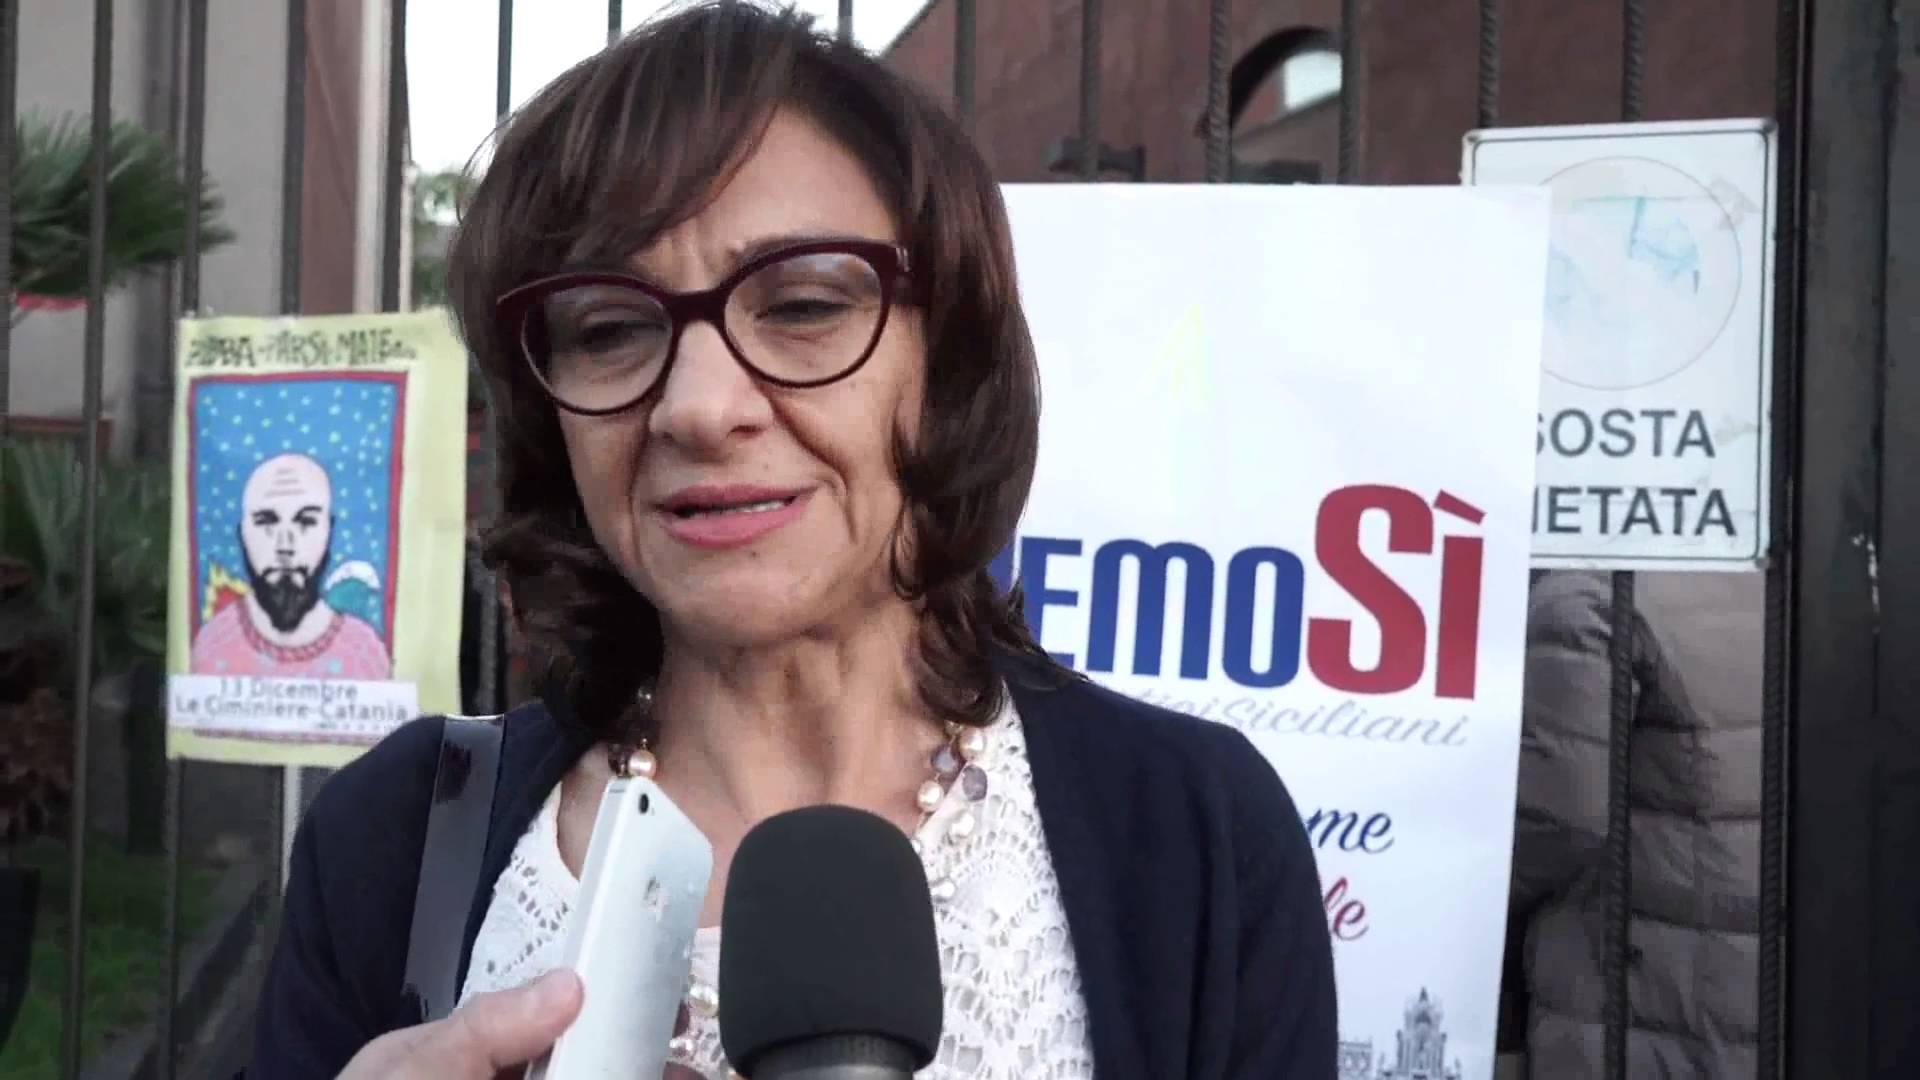 """Le reazioni dopo il voto/ L'autocritica di Concetta Raia (PD): """"Mi auguro che non prevalga la tracotanza"""""""